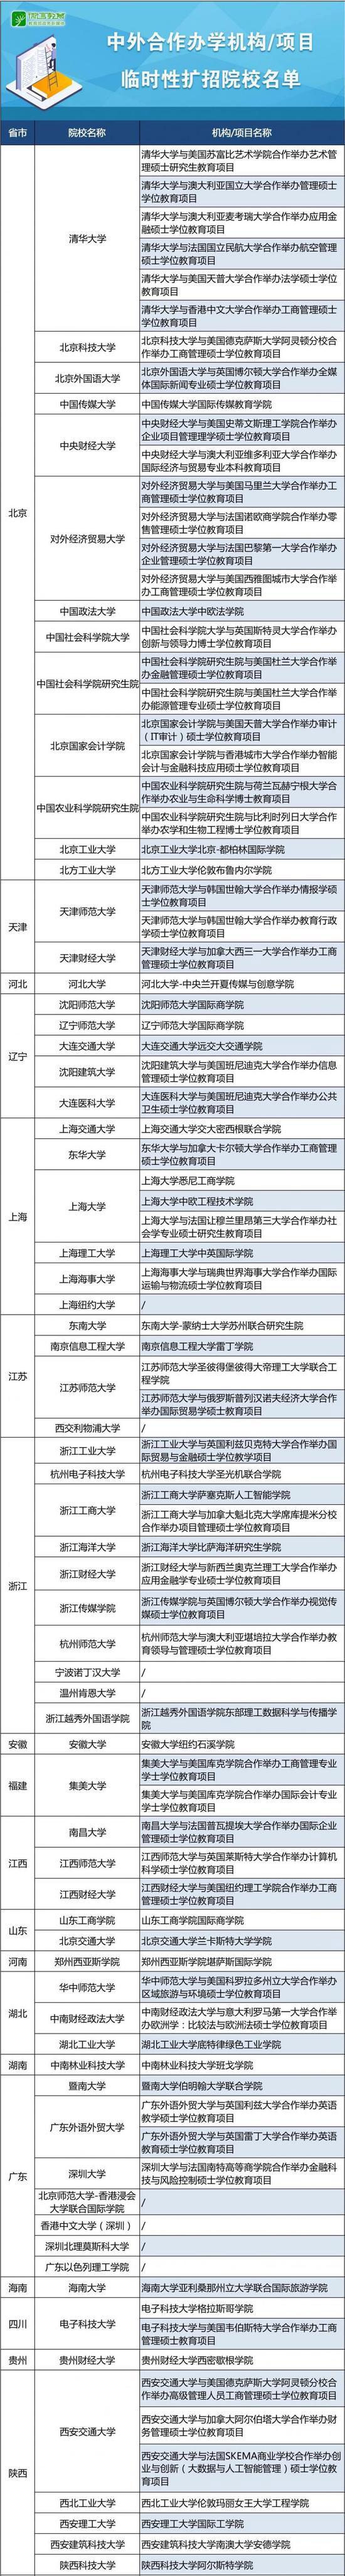 教育部:中外合作办学可招录部分受阻出国留学生